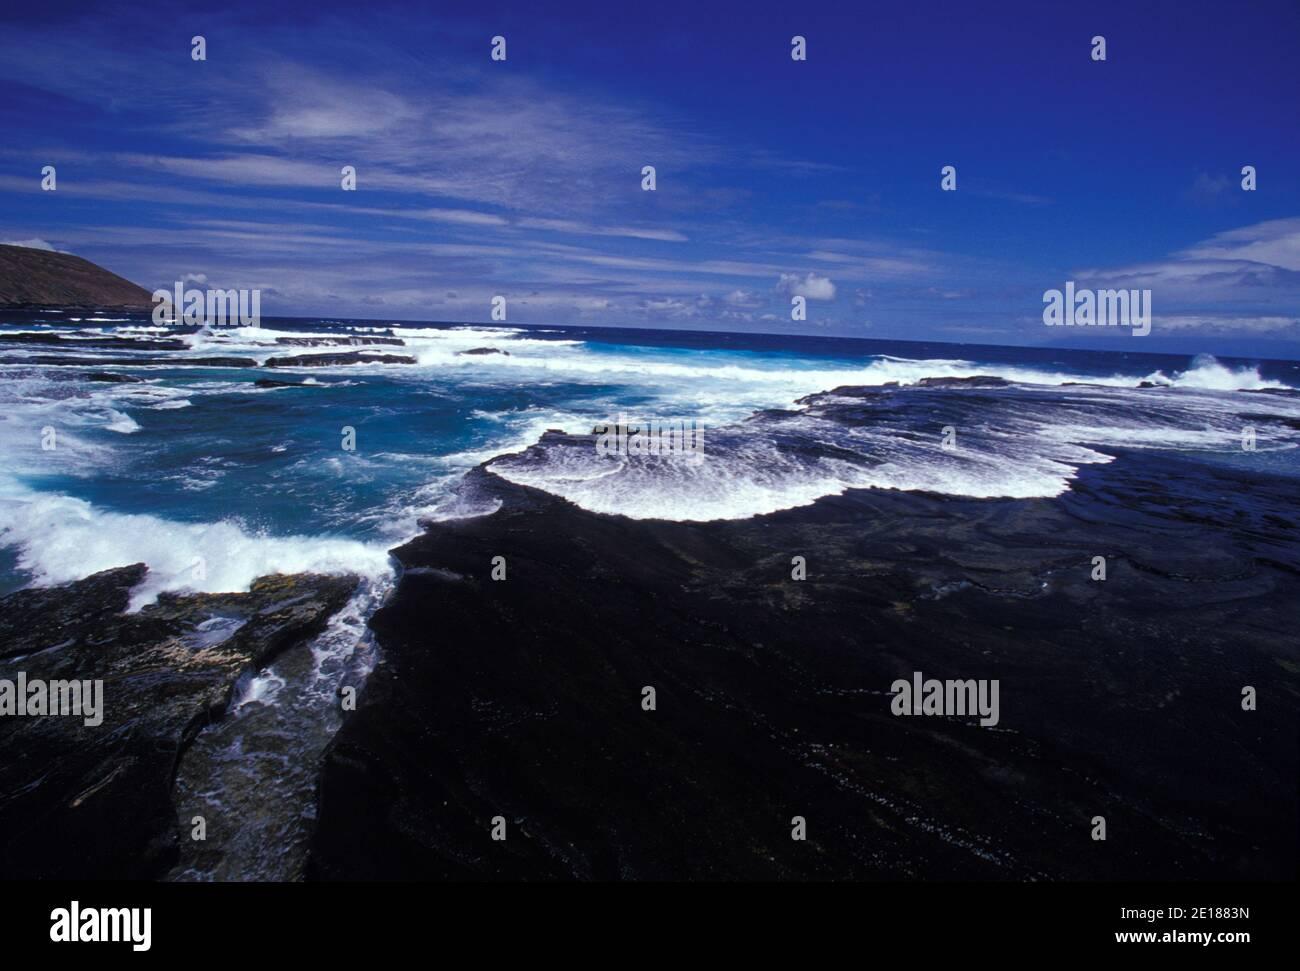 La costa de Niihau. Prístina costa natural, arrecifes, y agua azul clara. Foto de stock